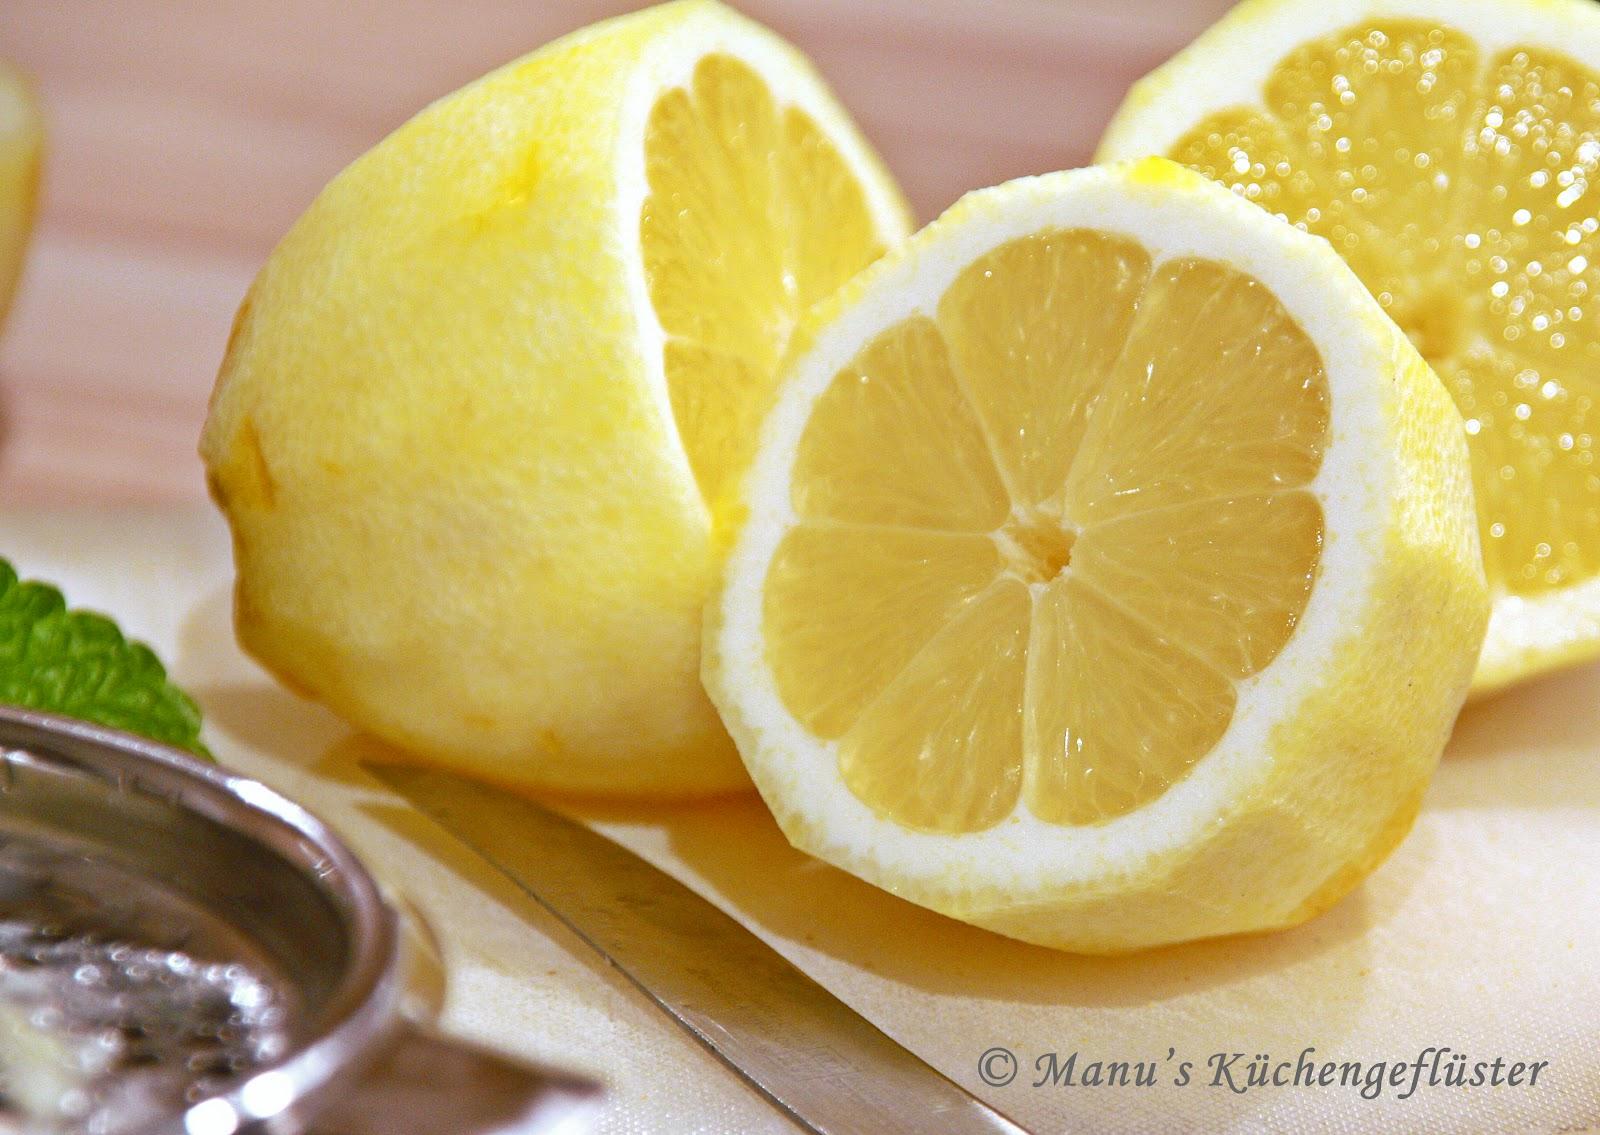 Manus Küchengeflüster: Lemon-Curd